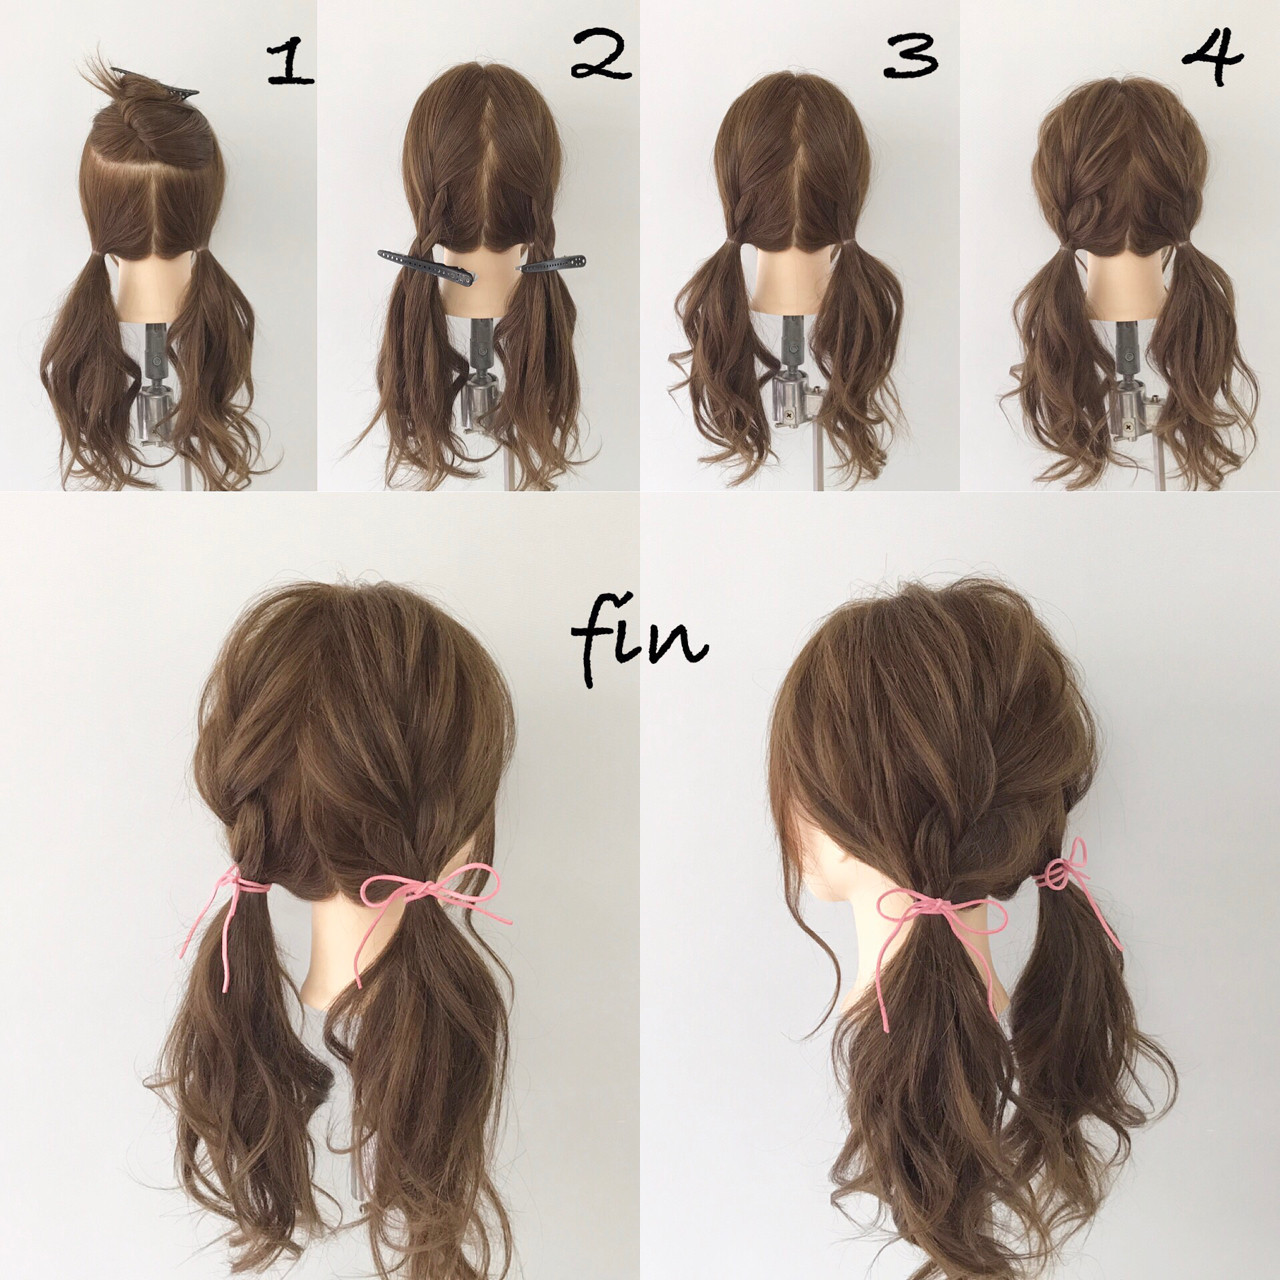 デート ロング 女子会 簡単ヘアアレンジ ヘアスタイルや髪型の写真・画像